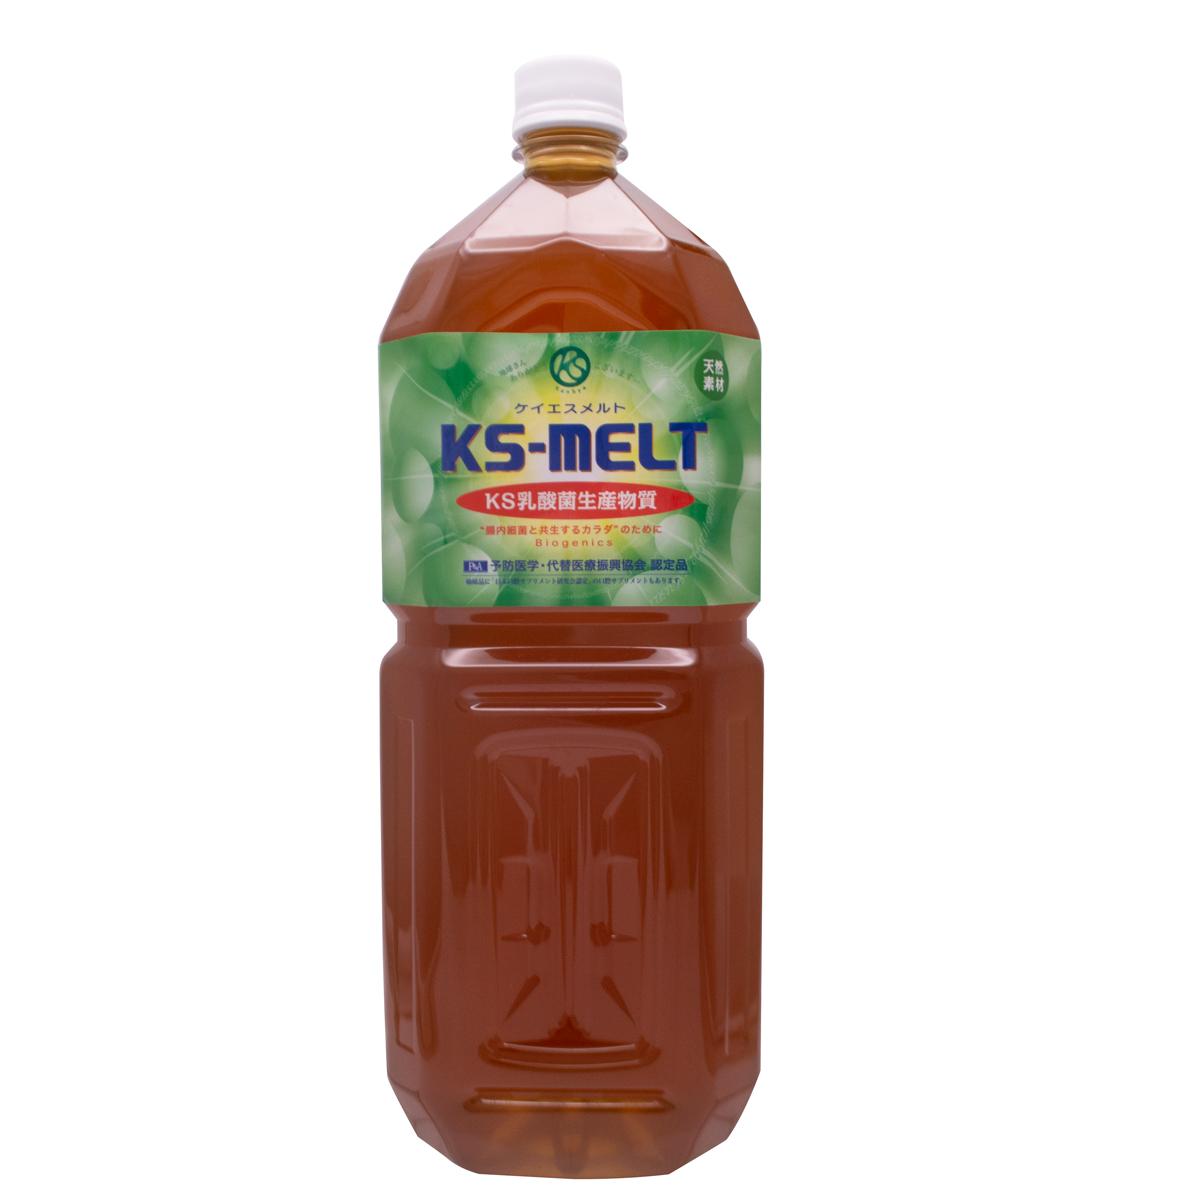 乳酸菌生産物質【KSメルト】2リットル(KS-MELT/ケイエスメルト)